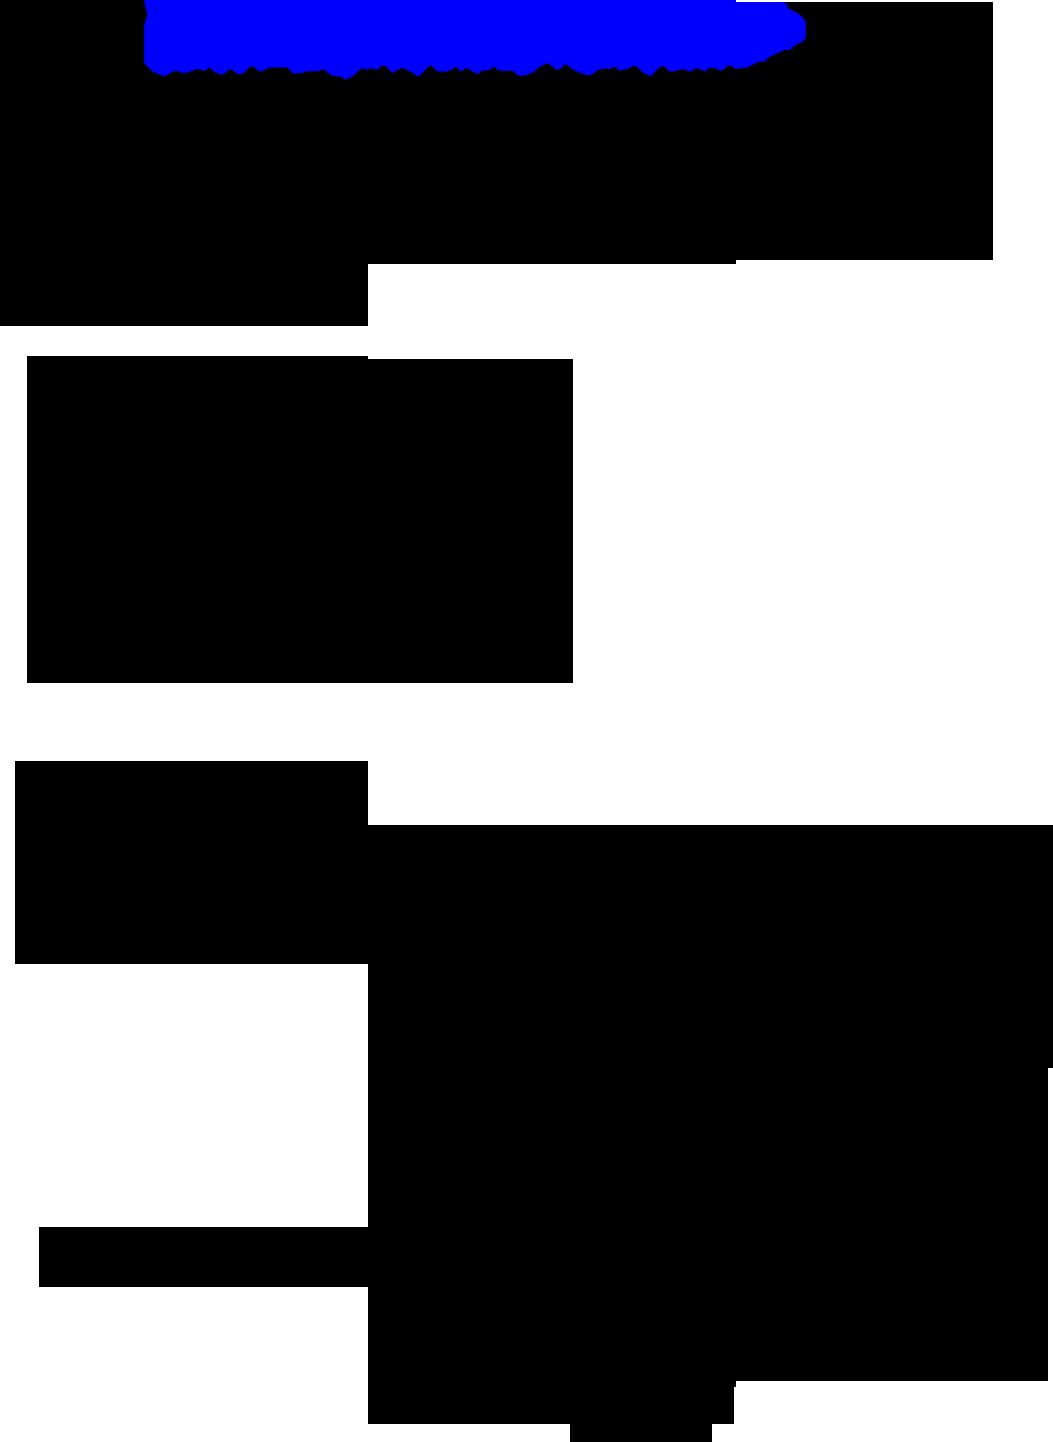 因数分解の方法3展開公式の逆の利用プラスxが多項式の